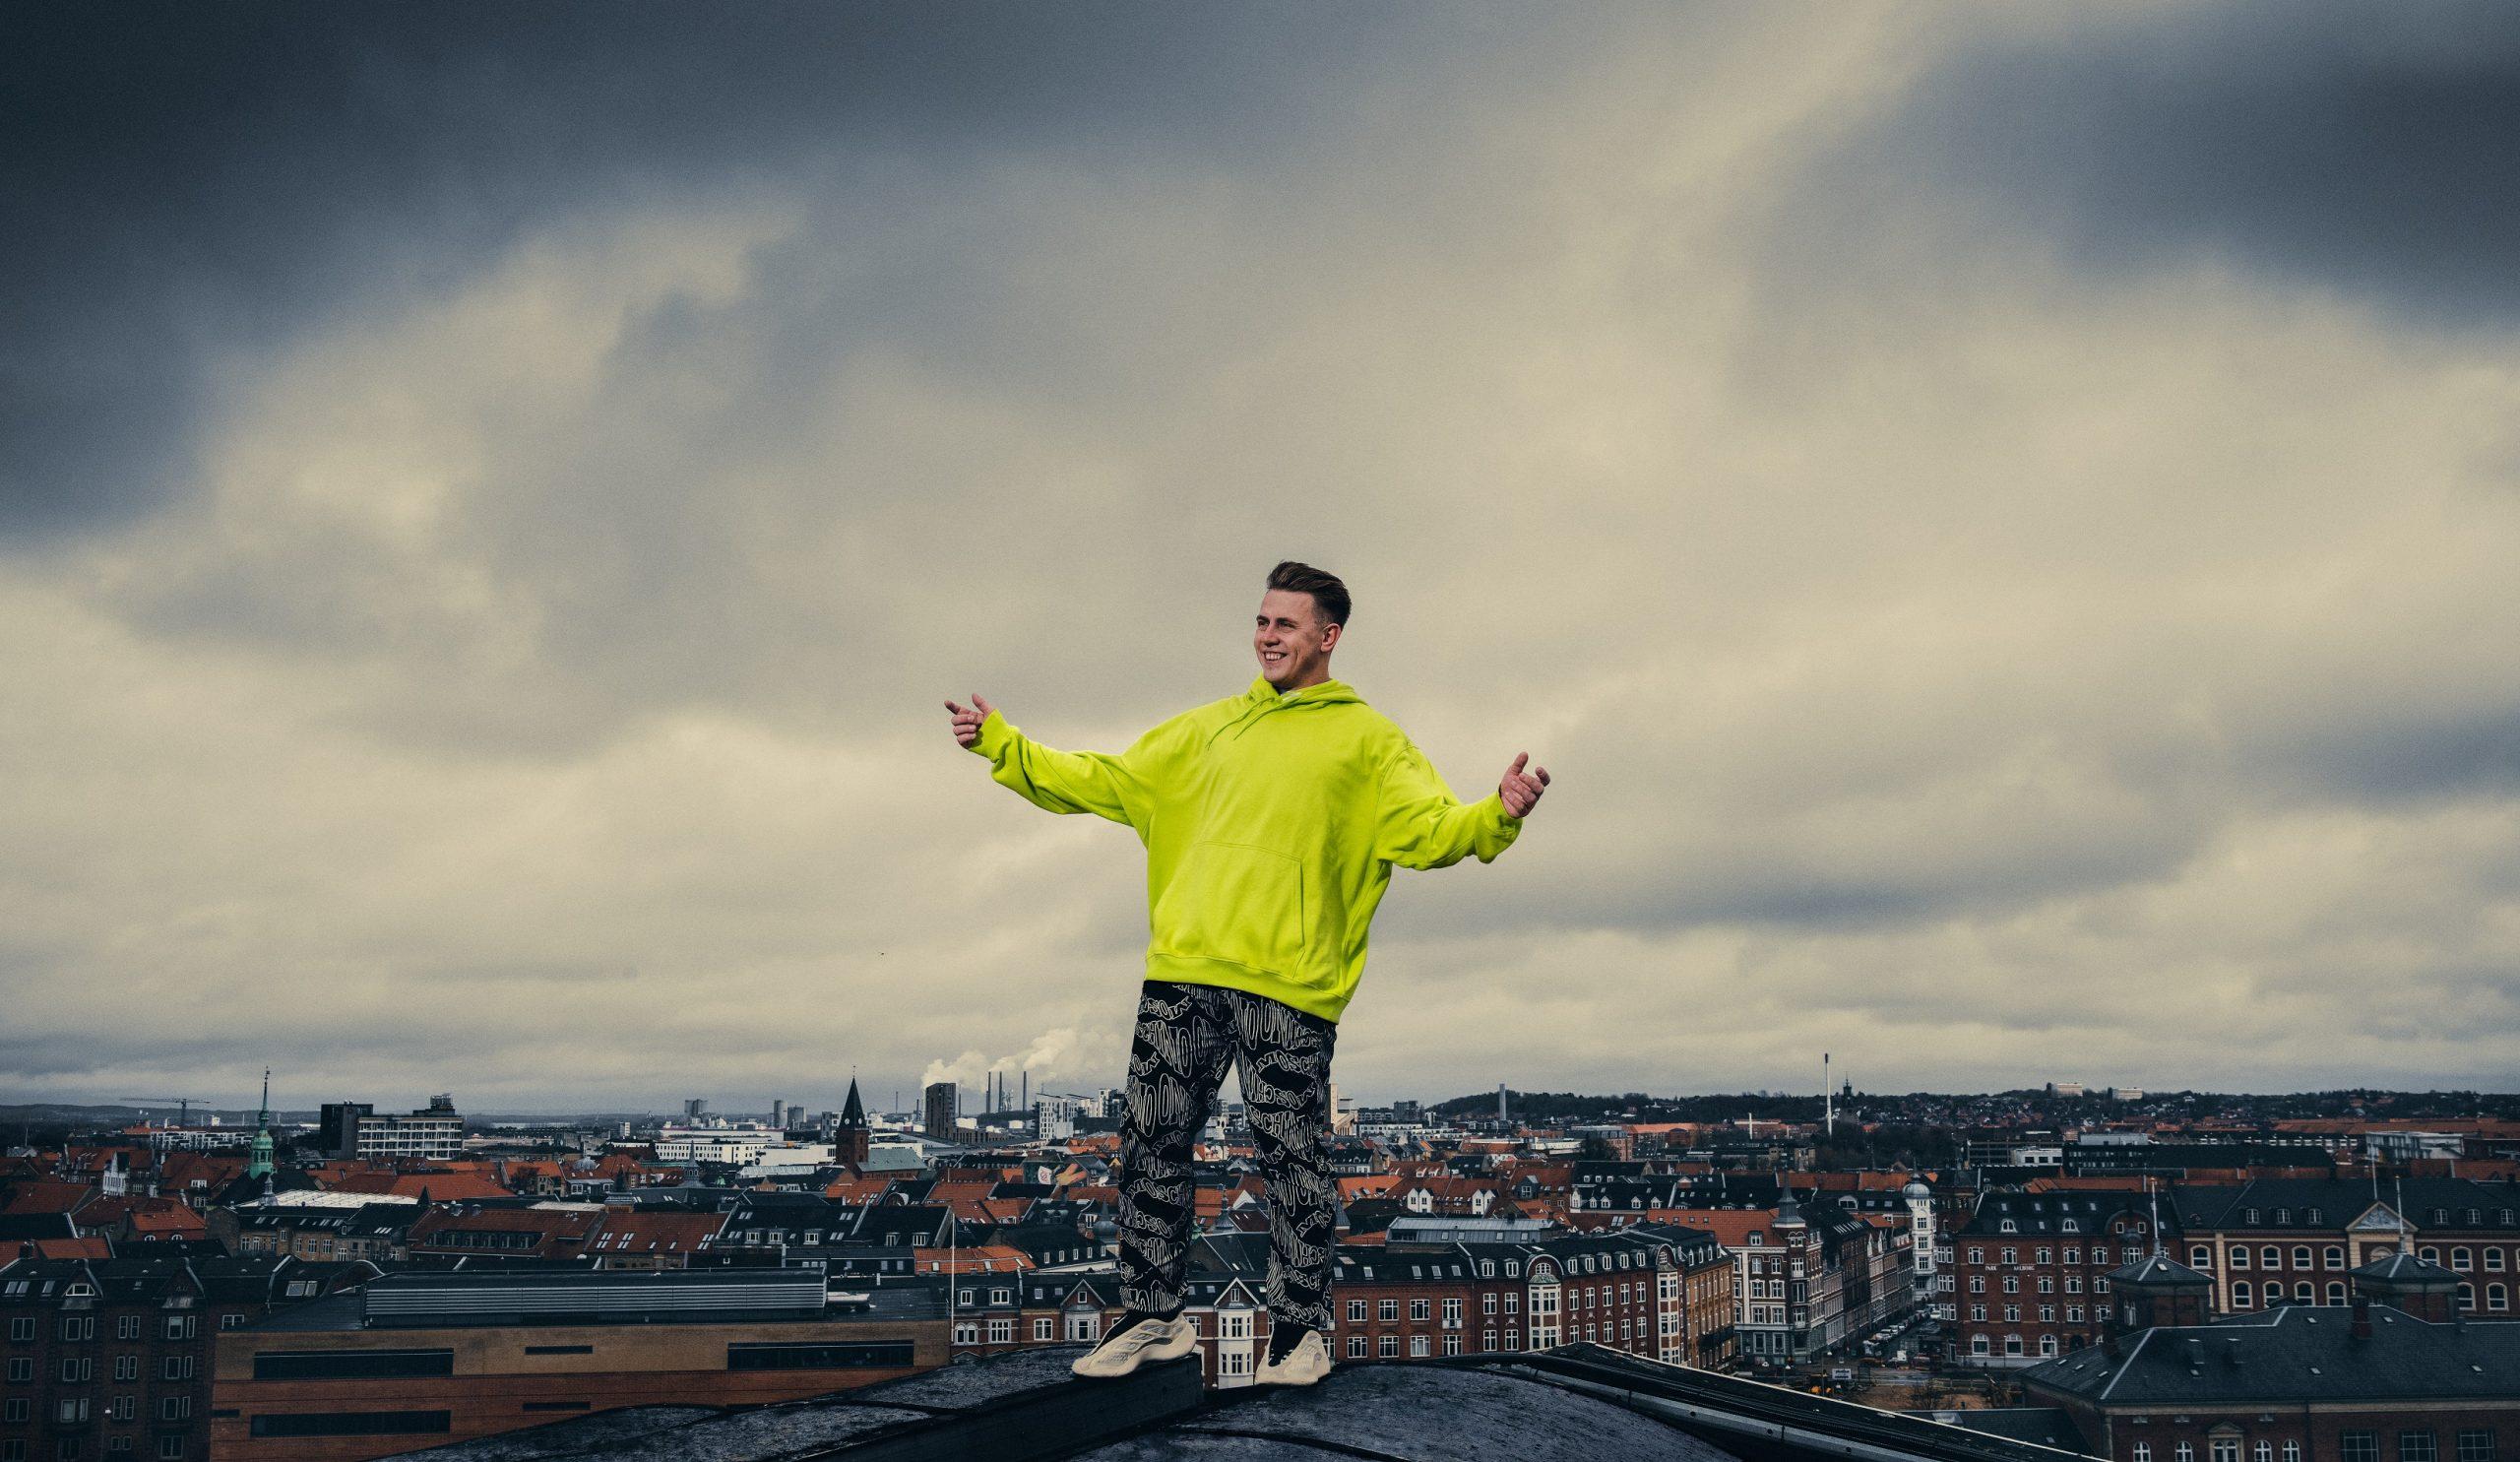 Helikopter, fyrværkeri og kæmpe lysshow: Så vildt bliver Martin Jensens show på fredag